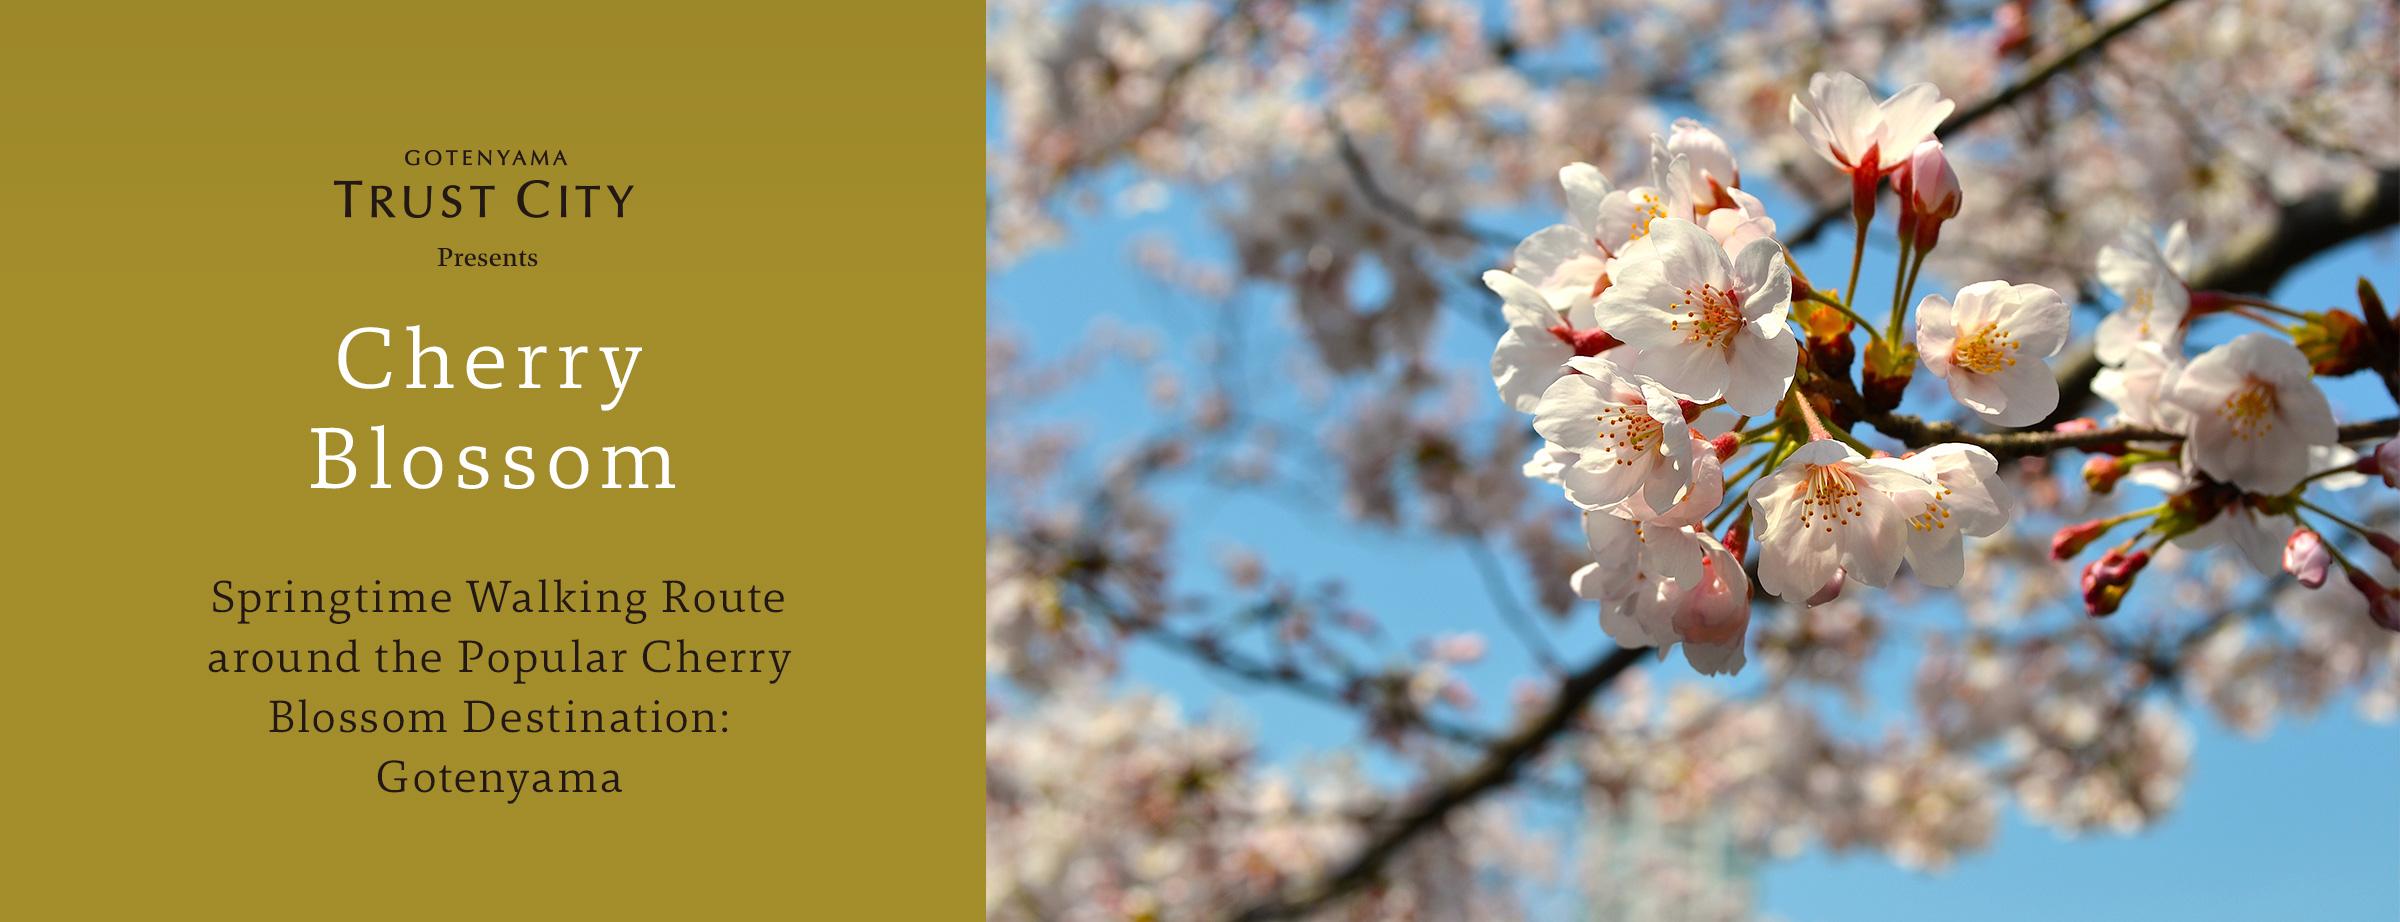 桜の名所の御殿山